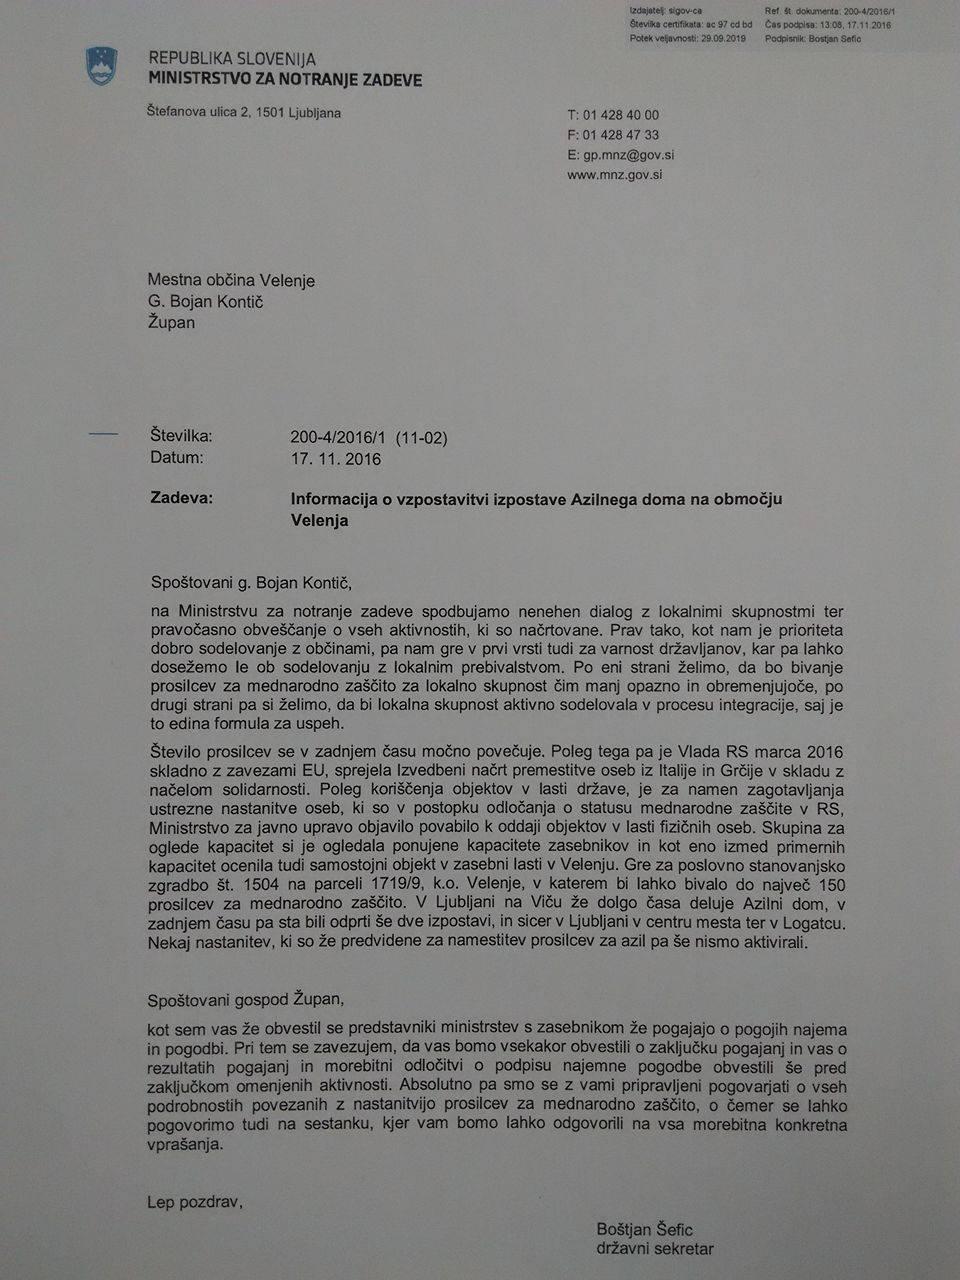 [EKSKLUZIVNO] Velenjčani pozor: Država se že pogaja za migrantski center v tem mestu 1